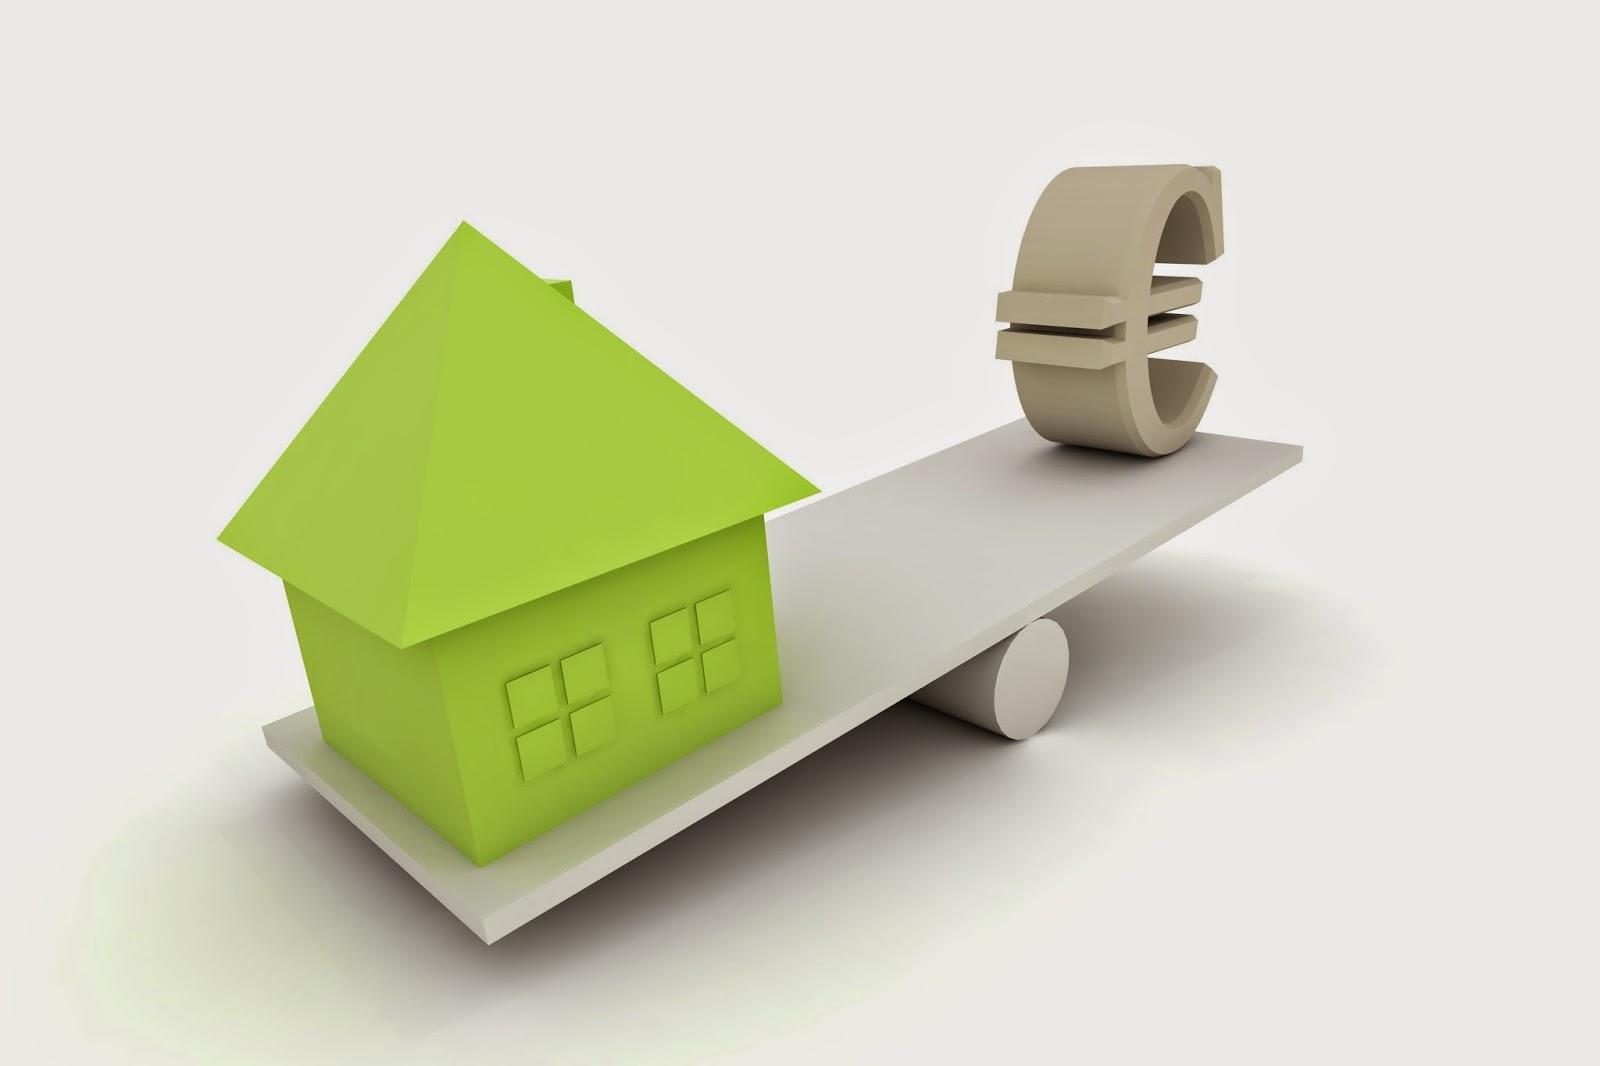 Cómo conseguir el mejor préstamo hipotecario